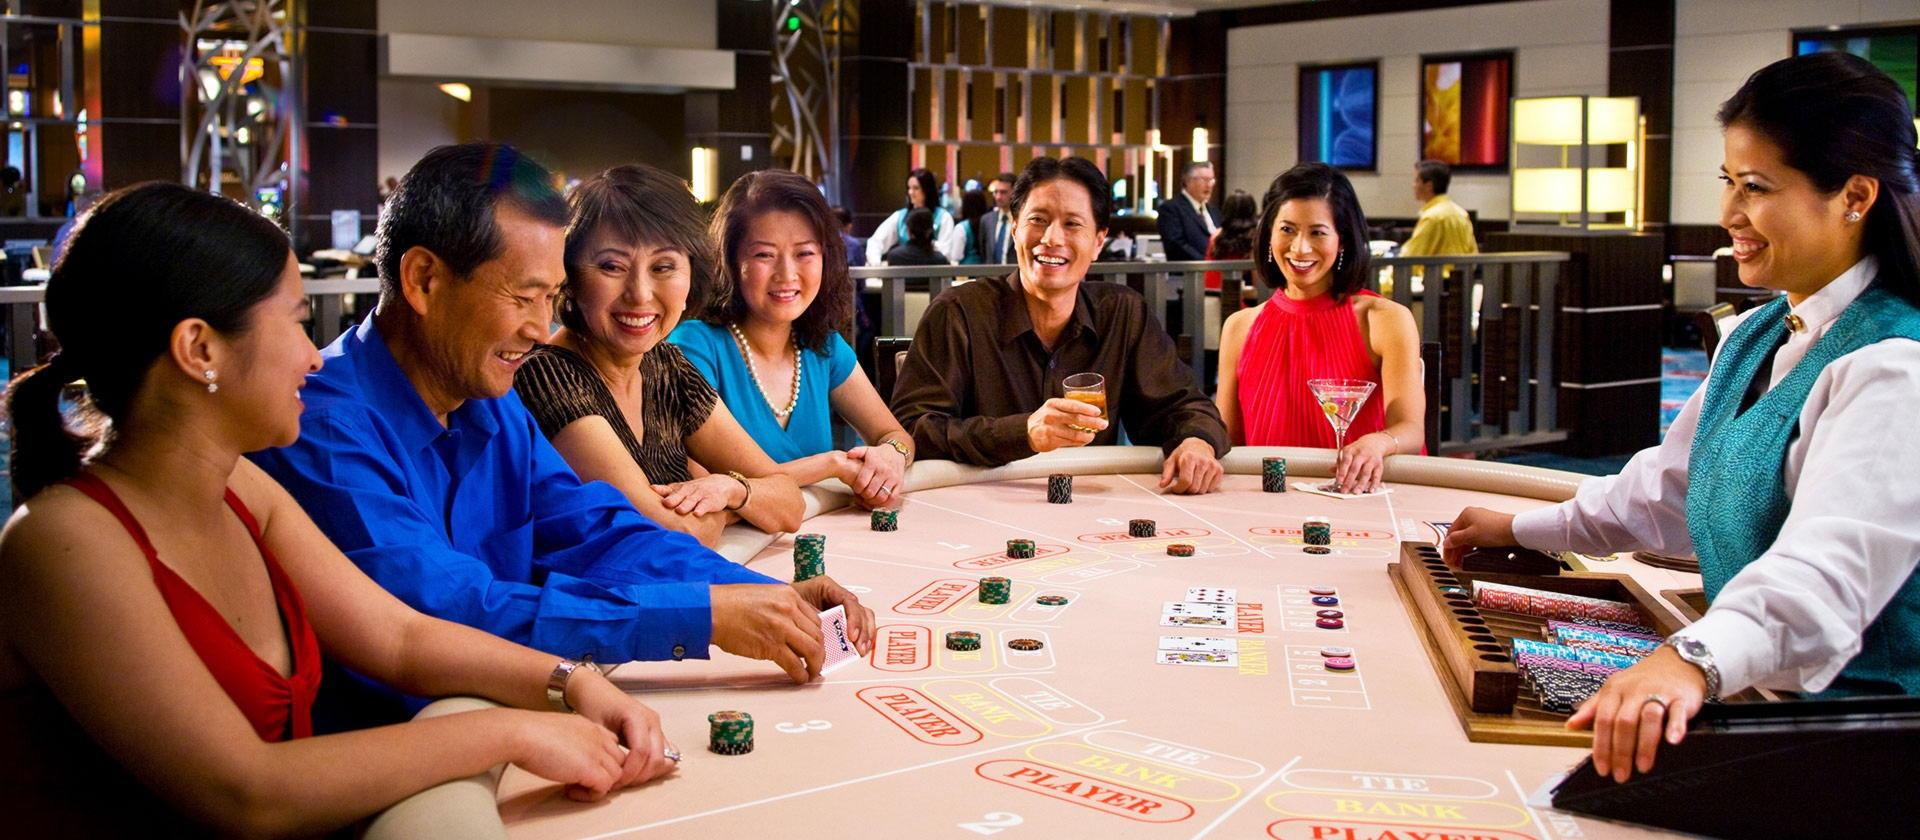 Eur 280 Free Casino Chip في رزق